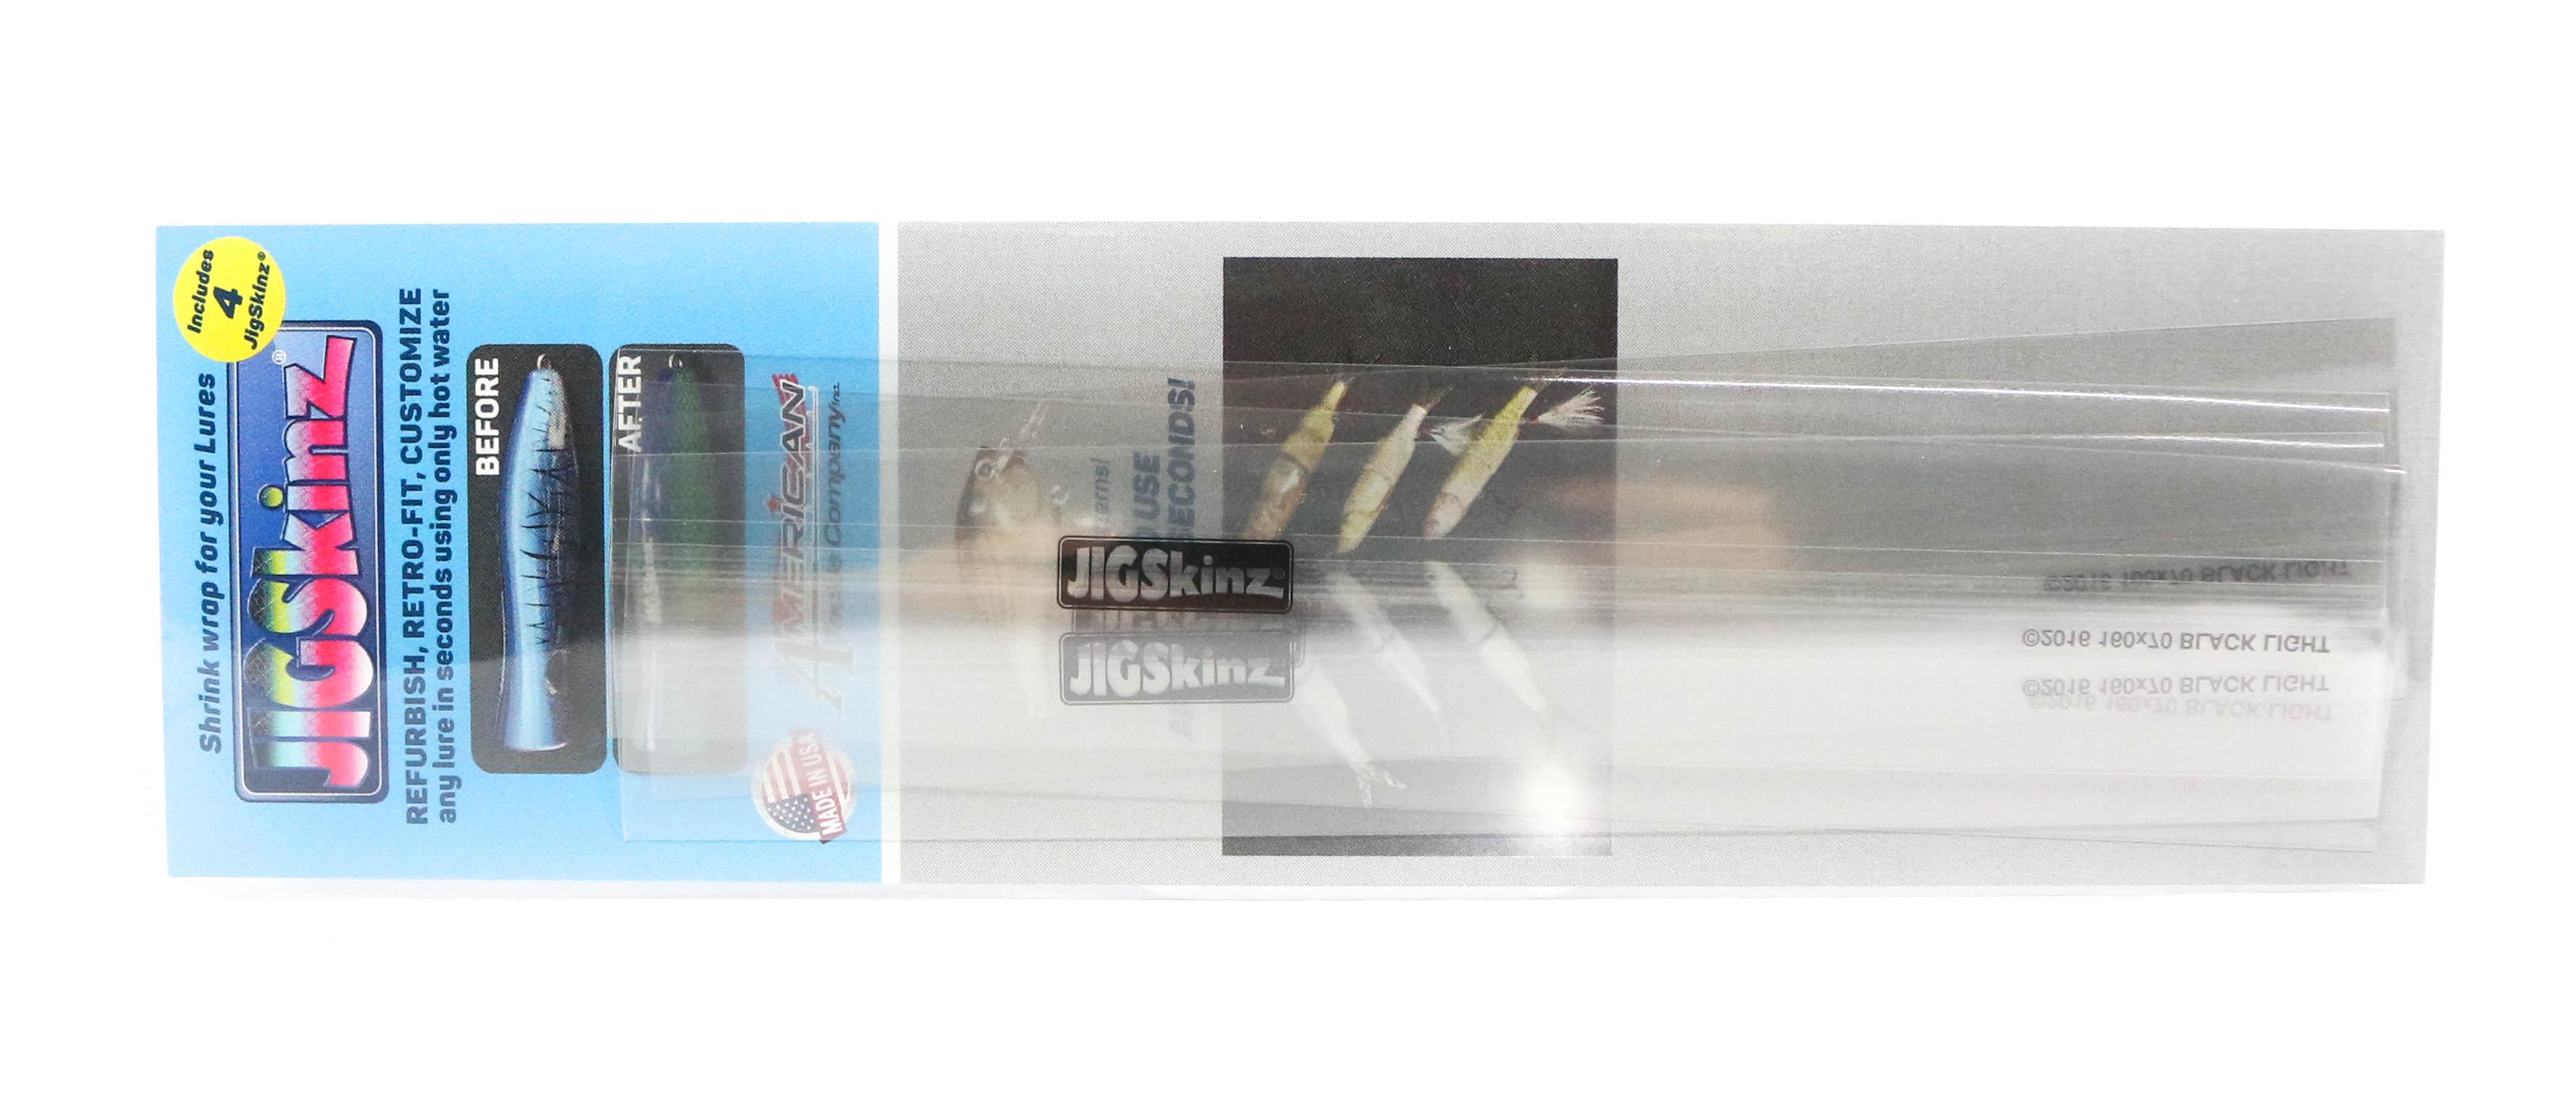 Jigskinz JZC-S4 UV Clear 160 x 70mm x 4 pieces Small (7295)